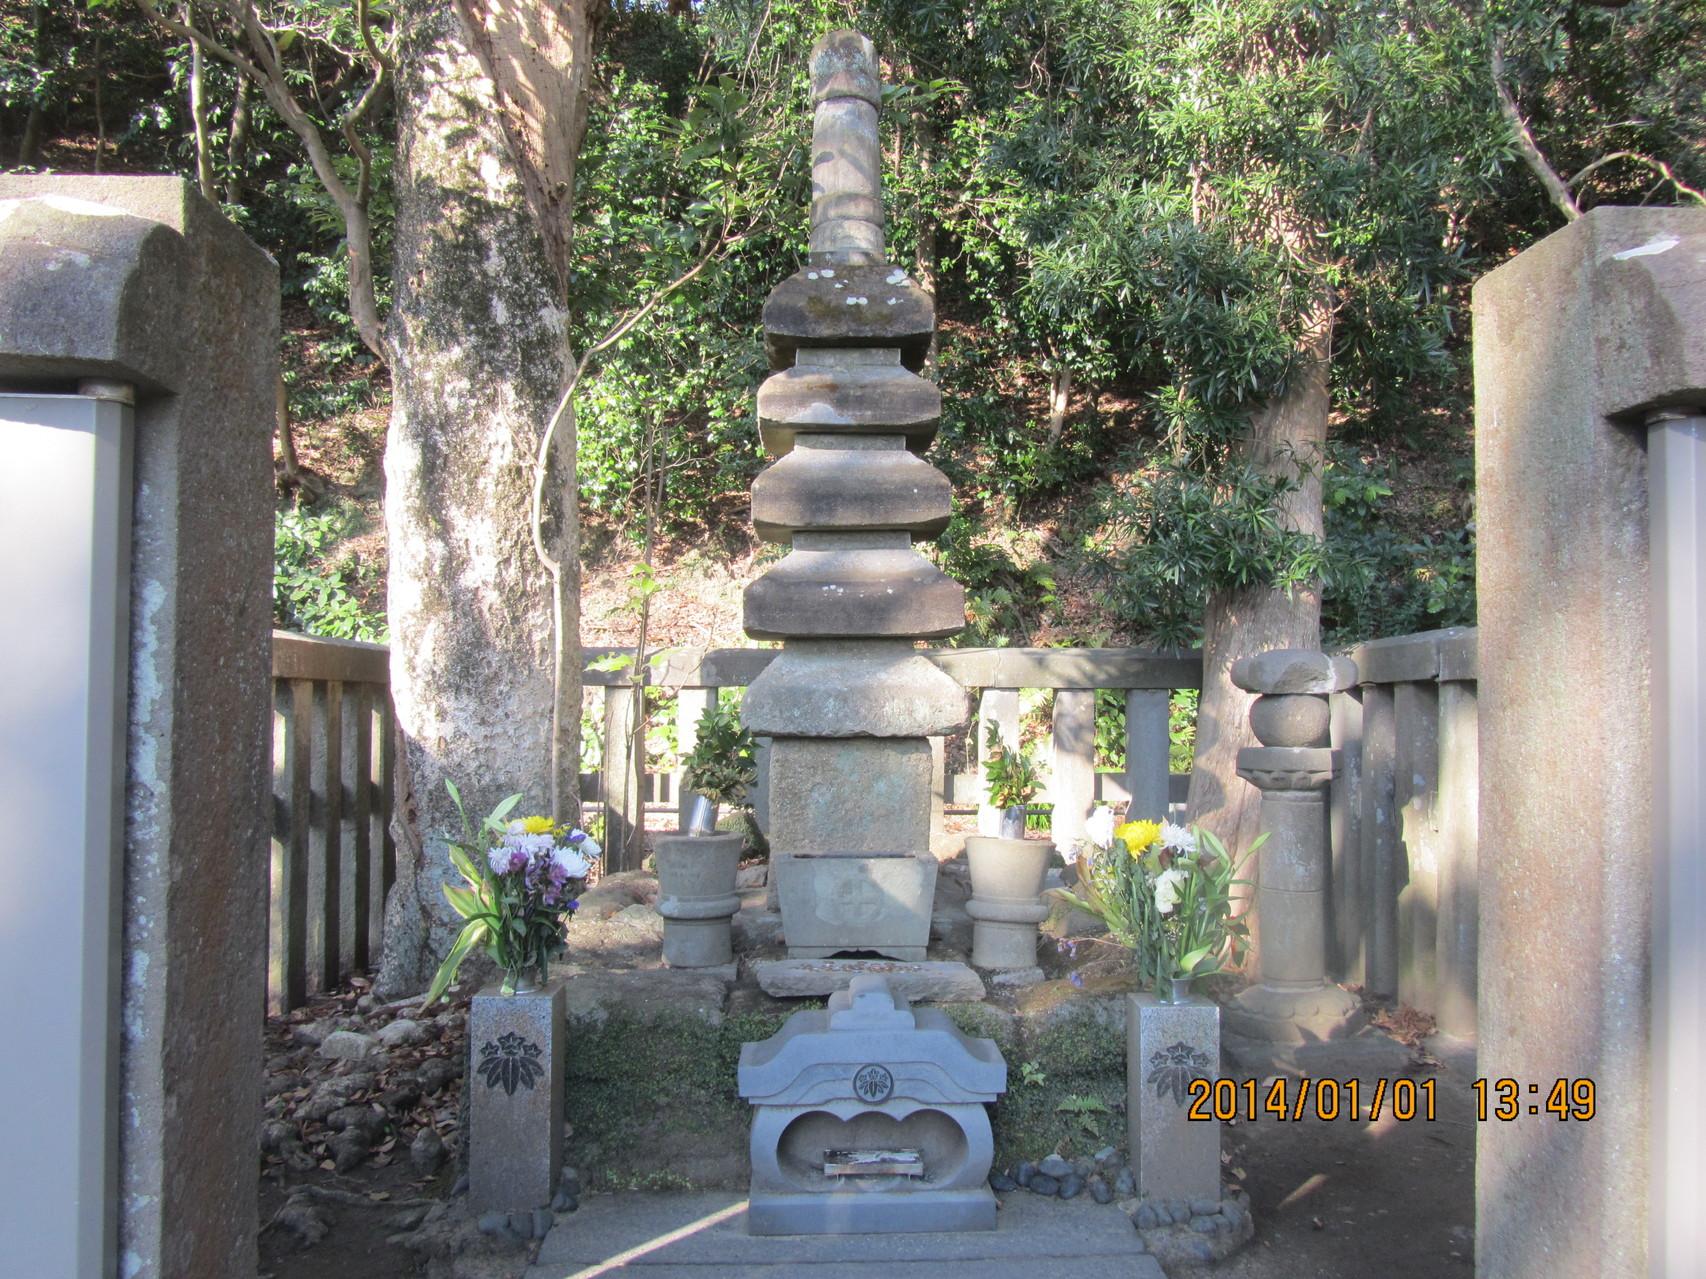 源 頼朝の墓。源 頼朝は鎌倉幕府を開きました。我が片桐家の遠い親戚です。